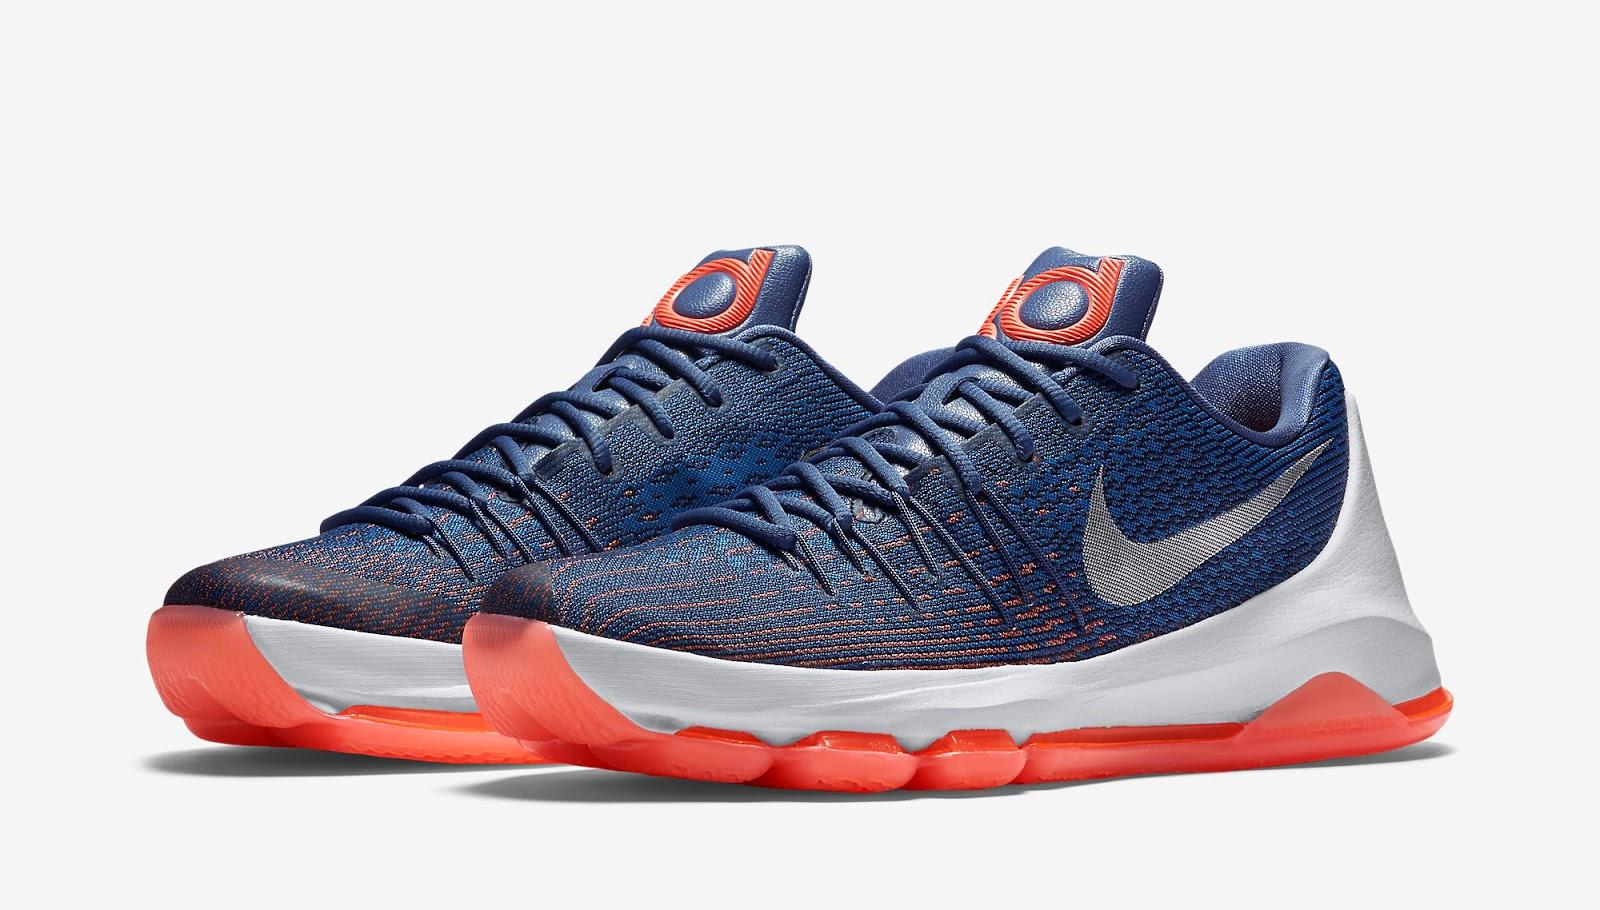 Kd  Shoes Blue